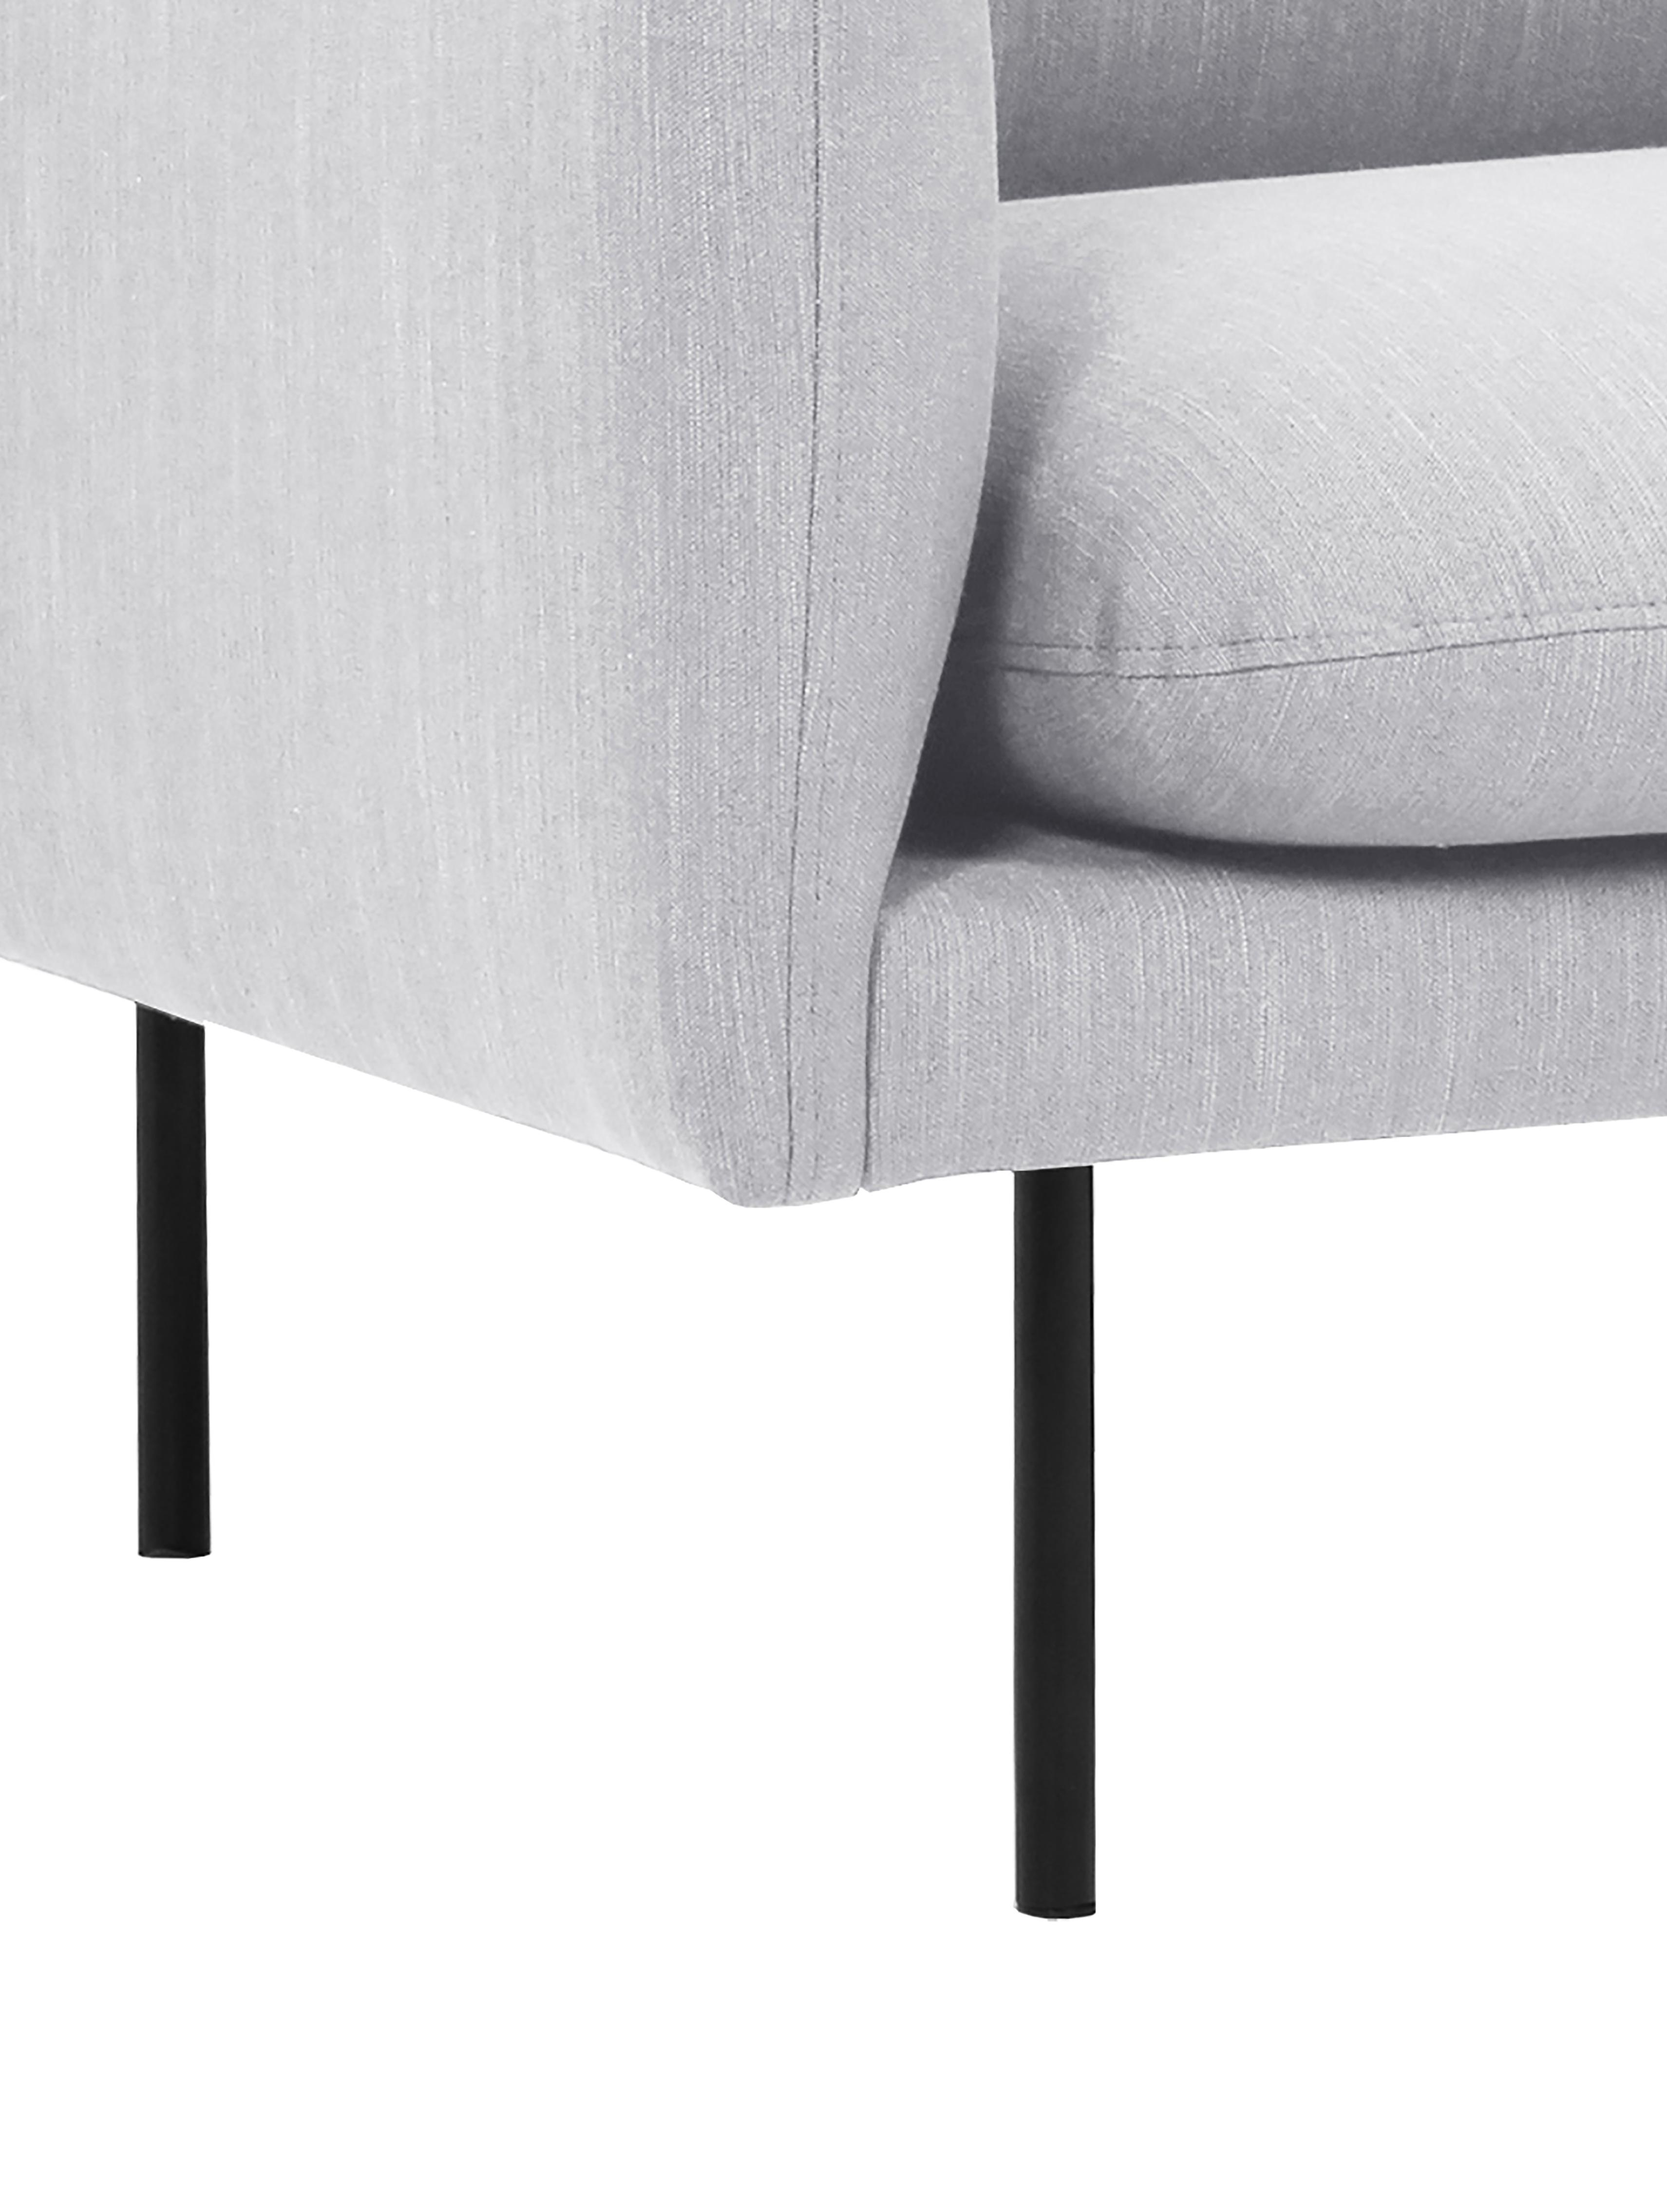 Sofa Moby (3-Sitzer), Bezug: Polyester Der hochwertige, Gestell: Massives Kiefernholz, Füße: Metall, pulverbeschichtet, Webstoff Hellgrau, B 220 x T 95 cm